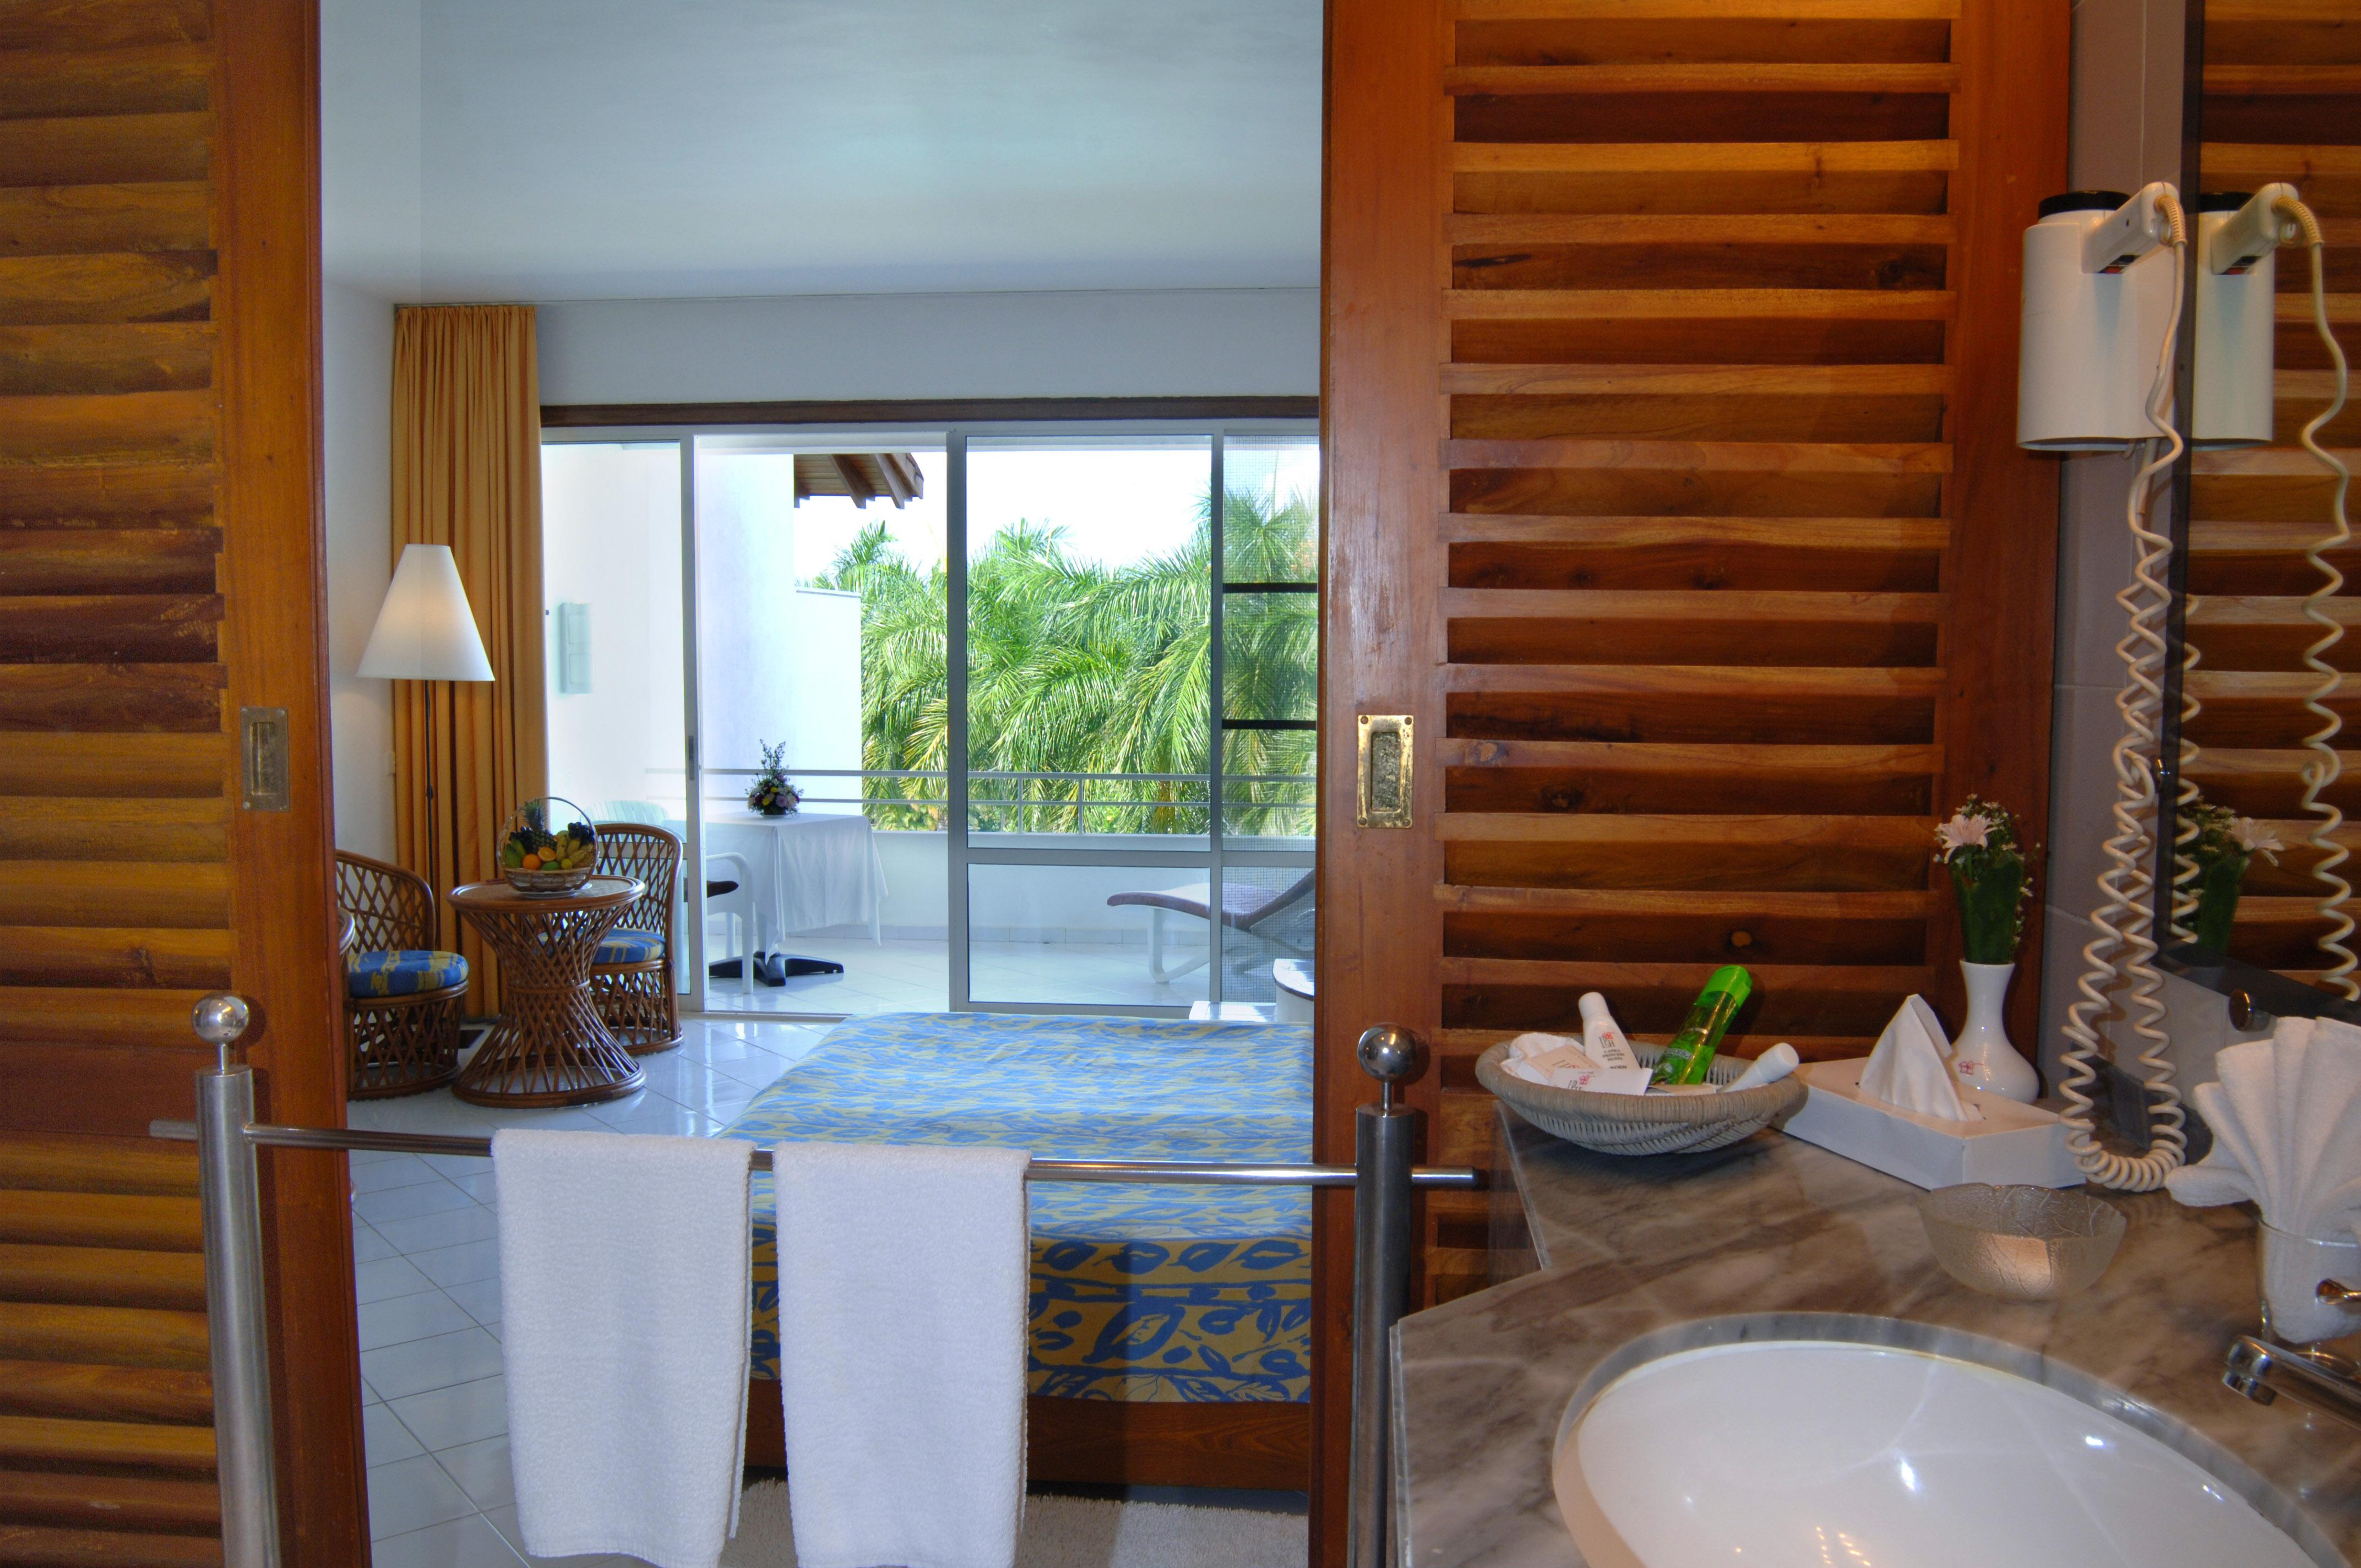 Blick aus dem Badezimmer nach Außen im Ayurveda Hotel Lanka Princess, unter deutscher Leitung Sri Lanka